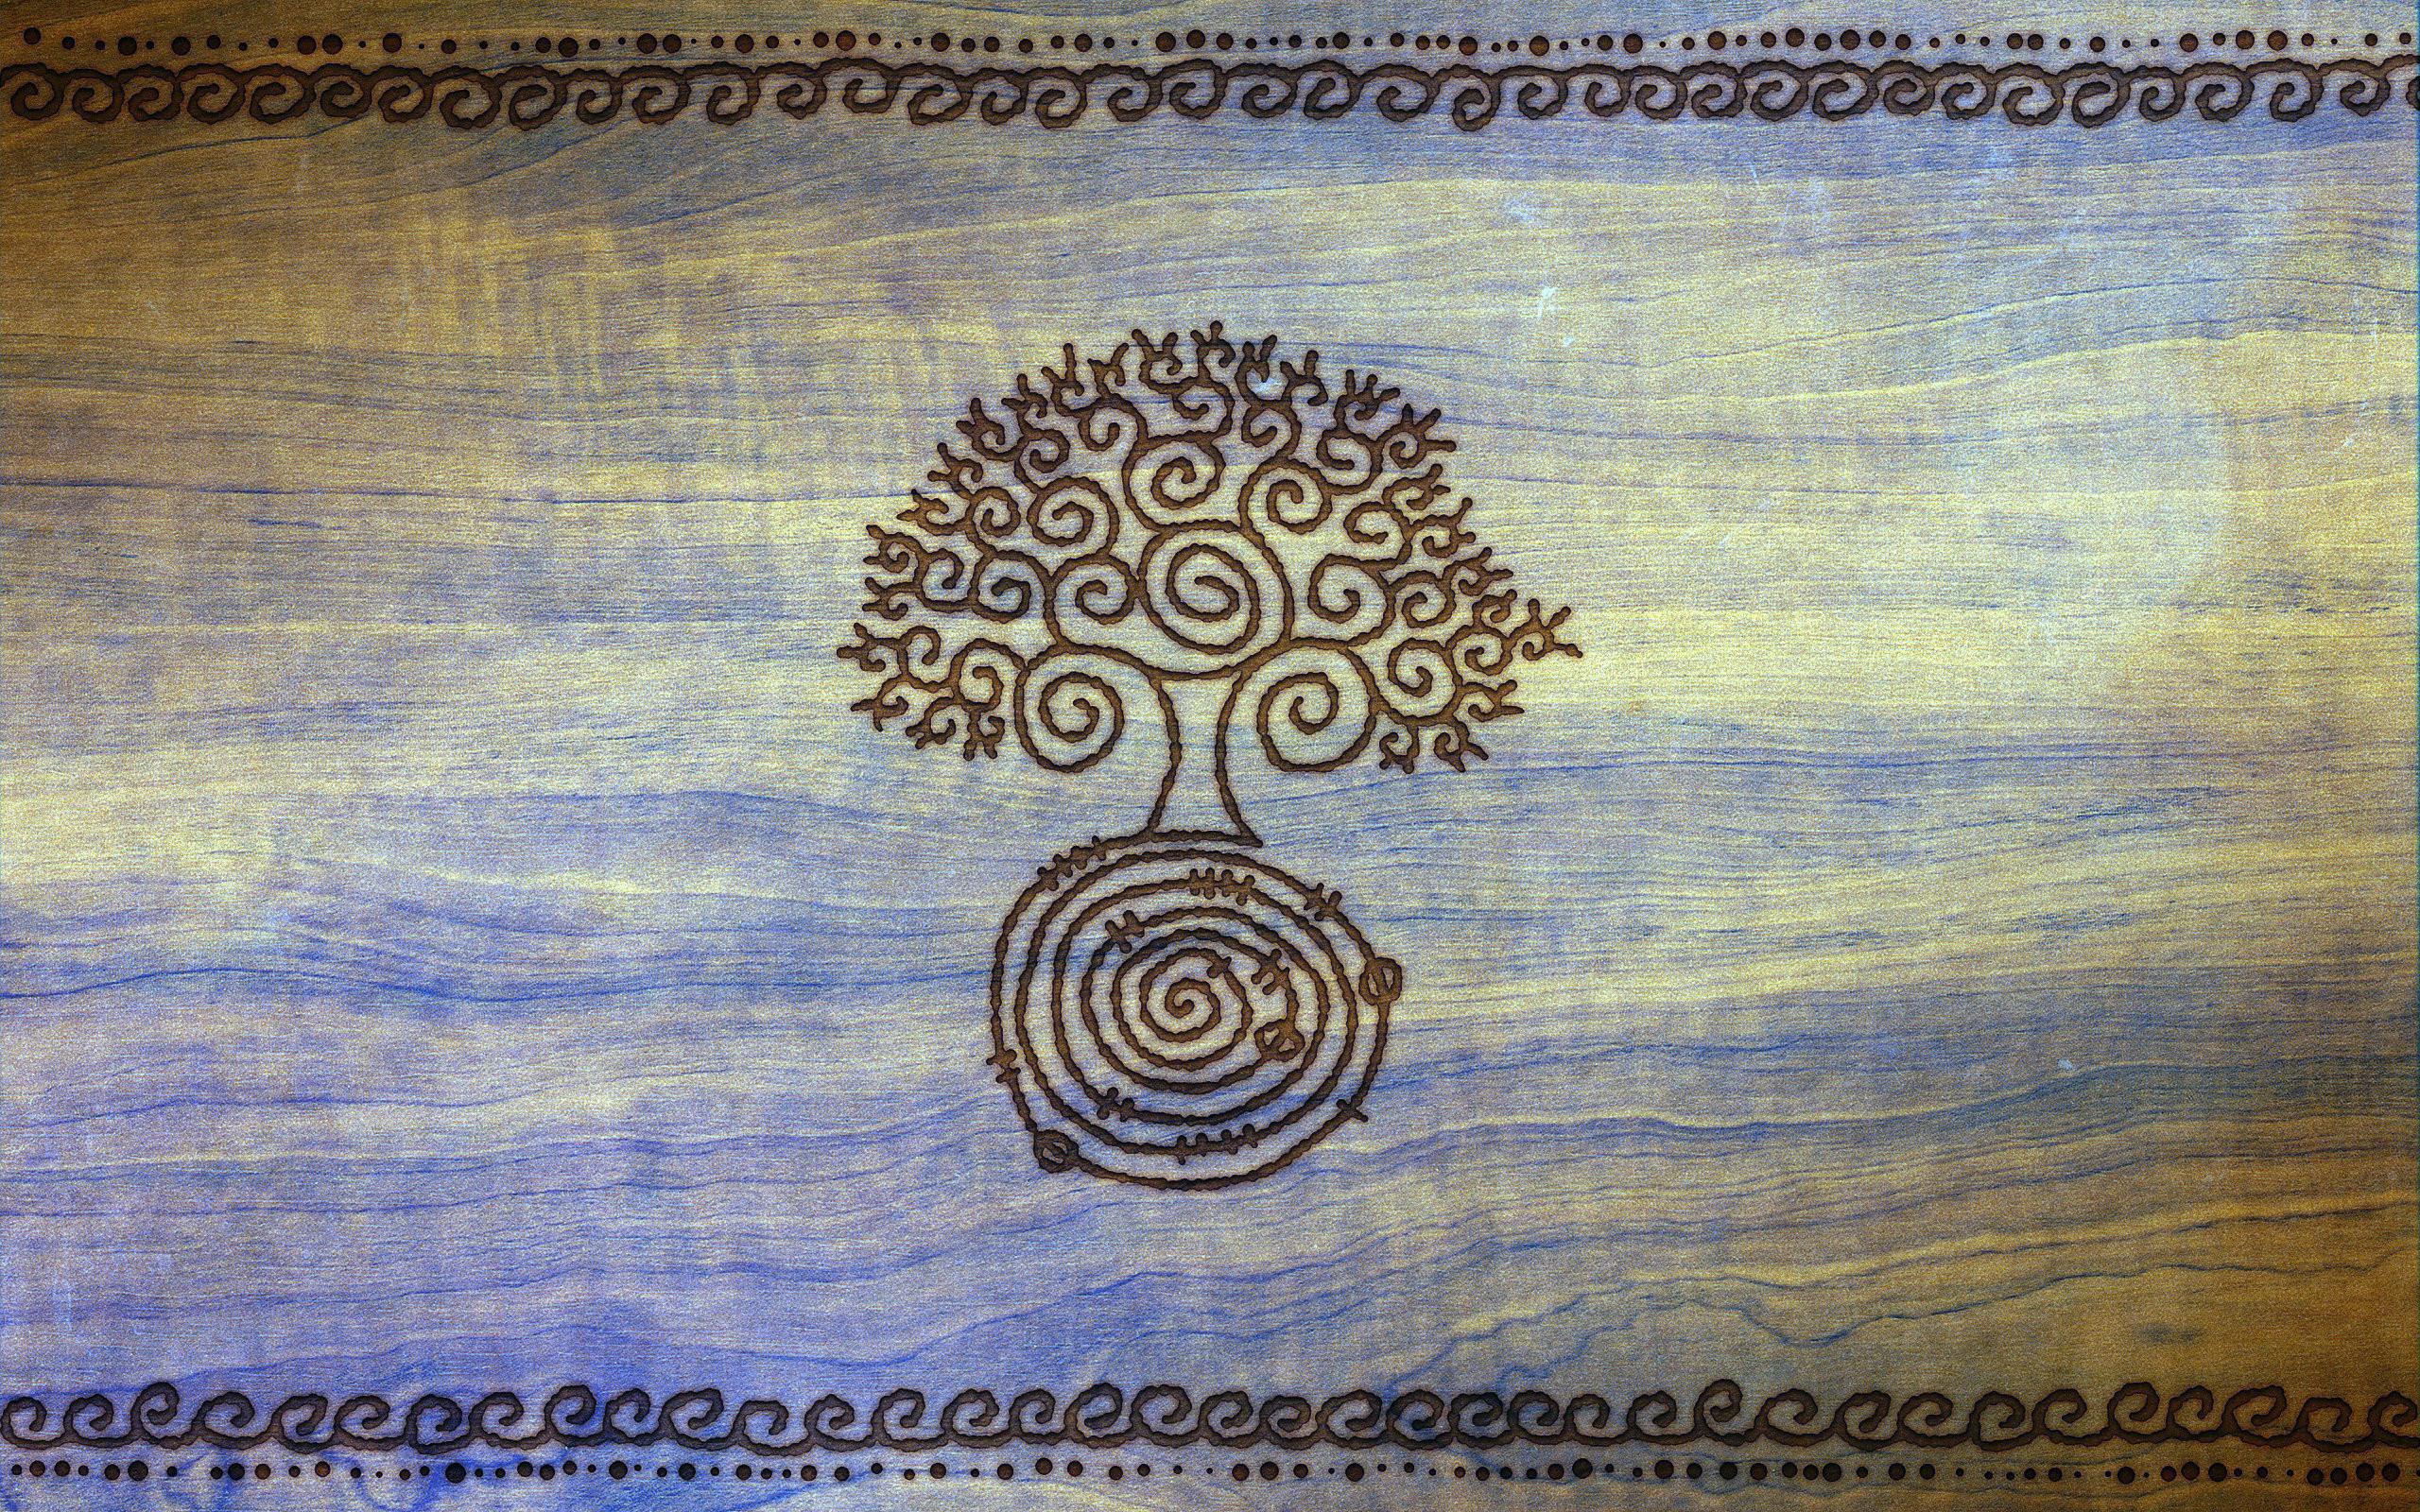 Wood Grain Wallpaper Hd: Wood Grain Desktop Wallpaper (51+ Images